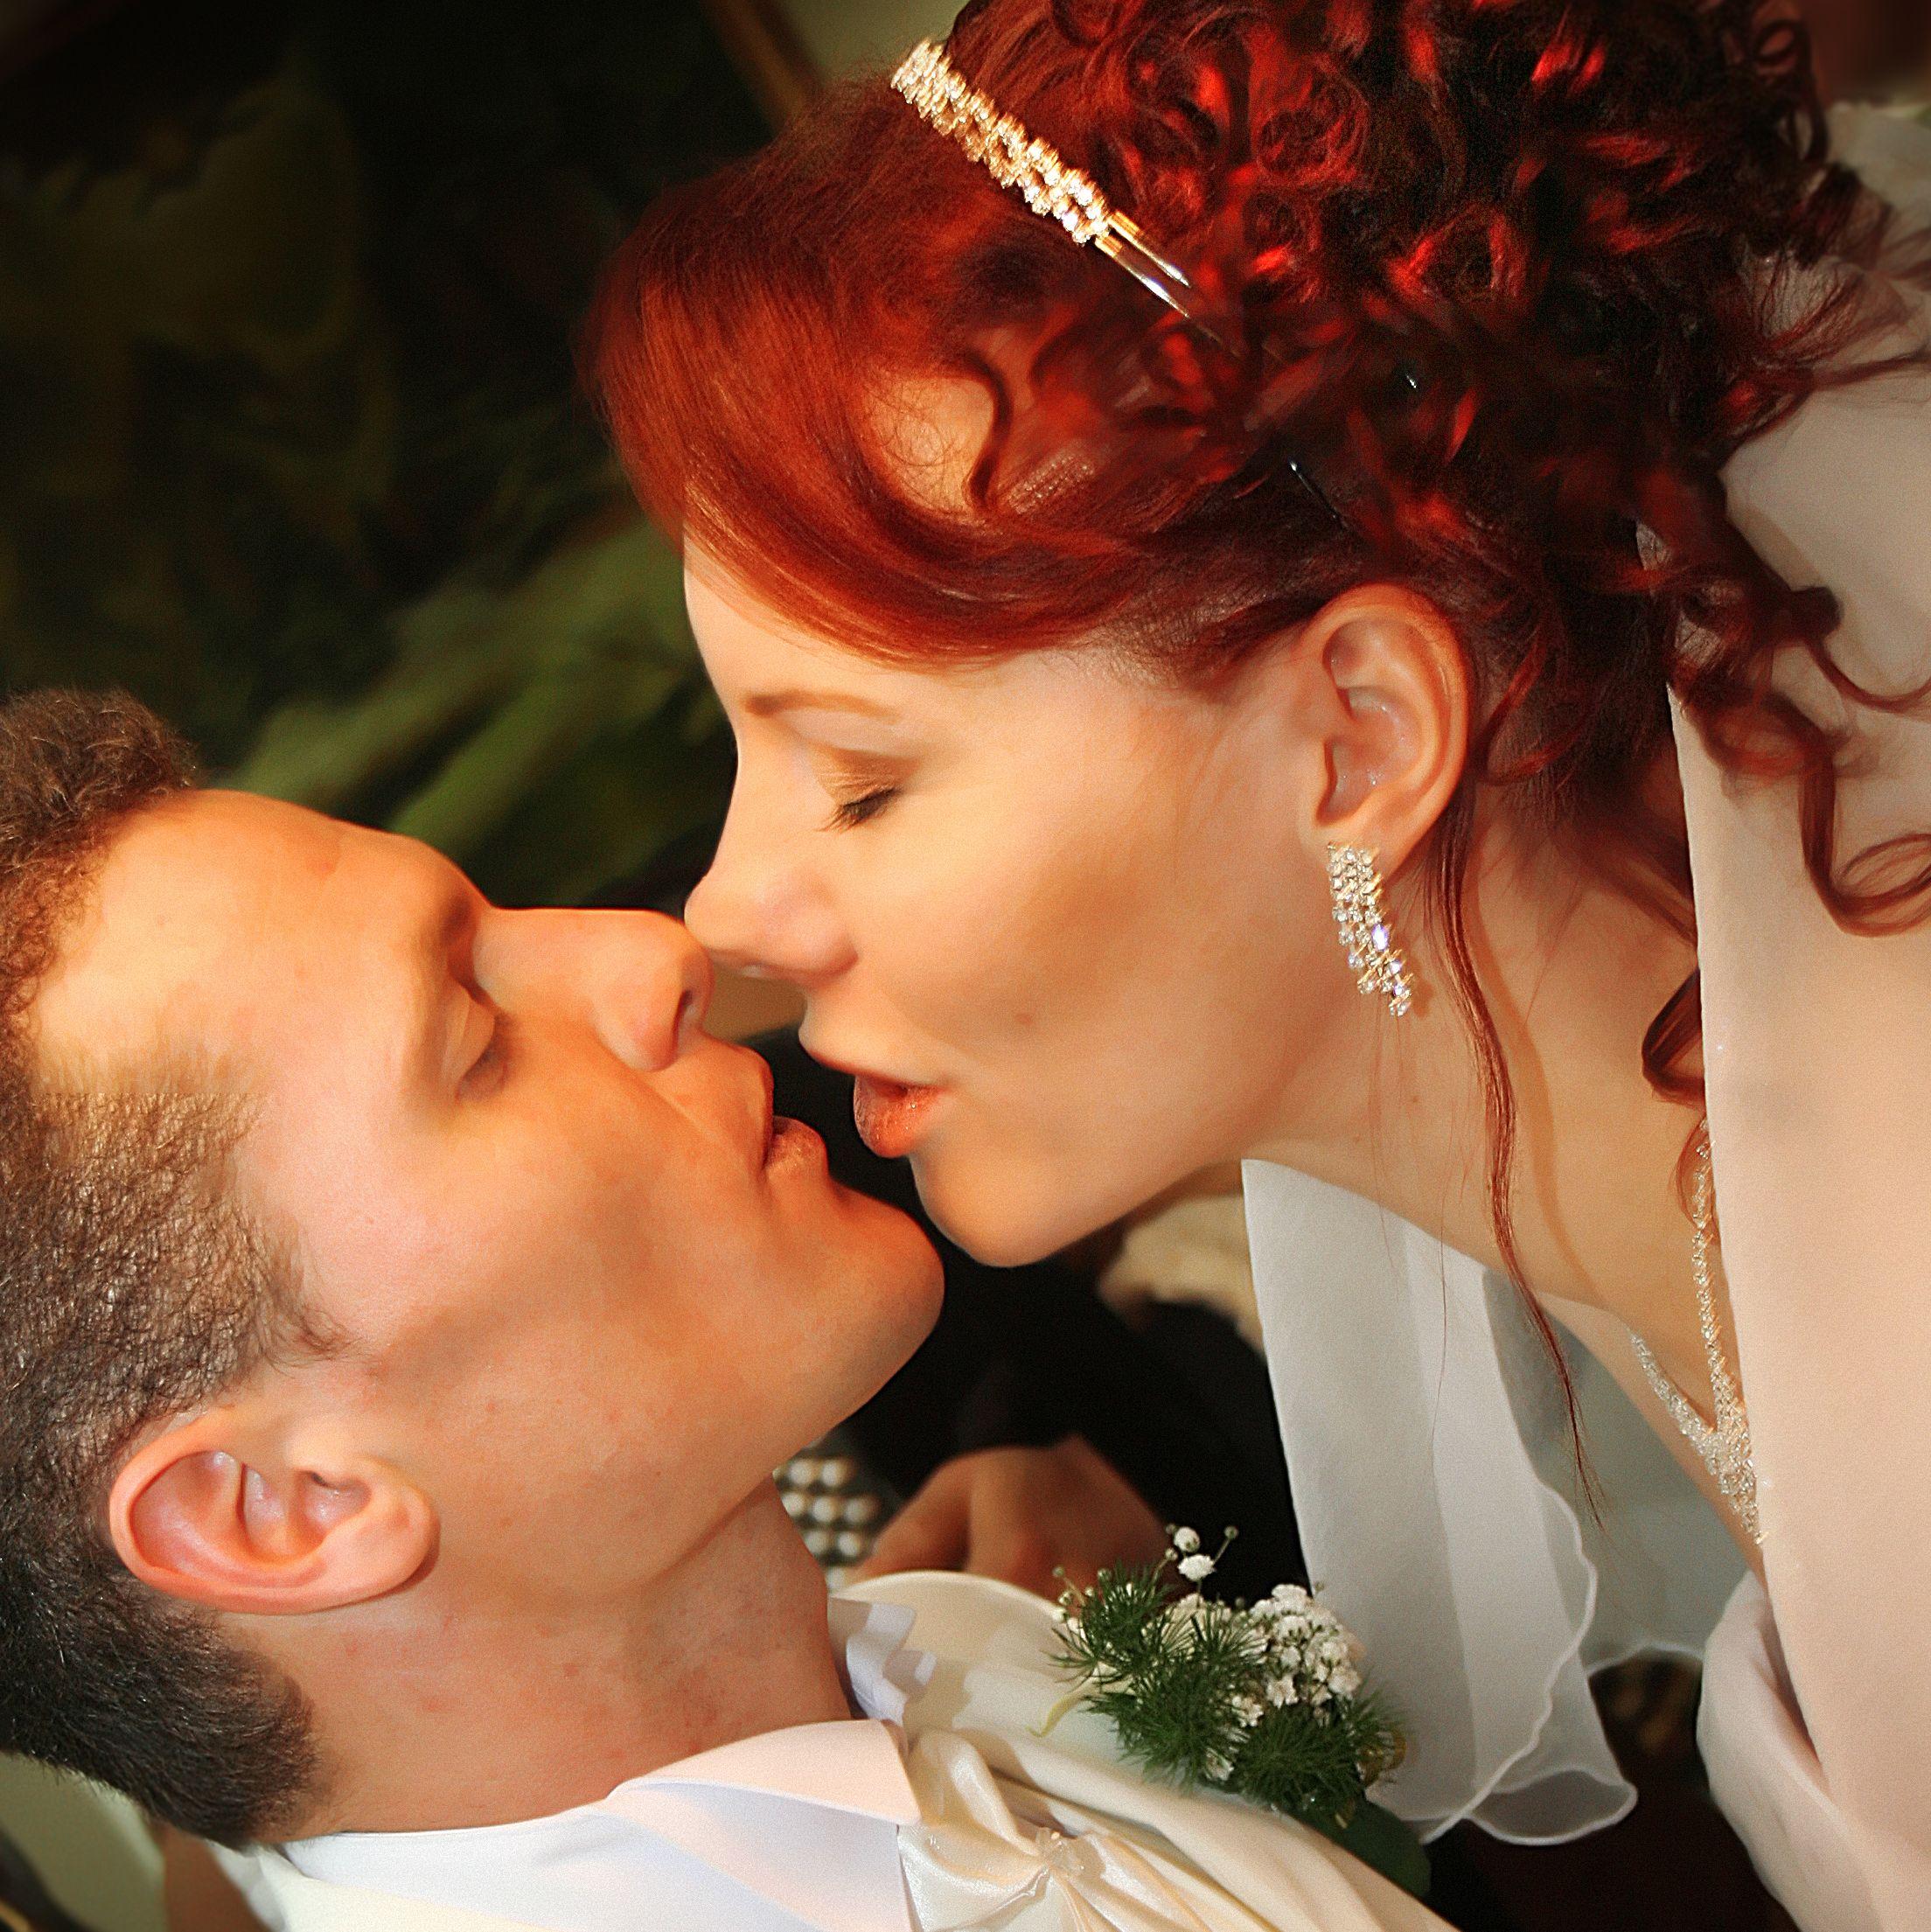 Младоженци дадоха на търг първата си брачна нощ